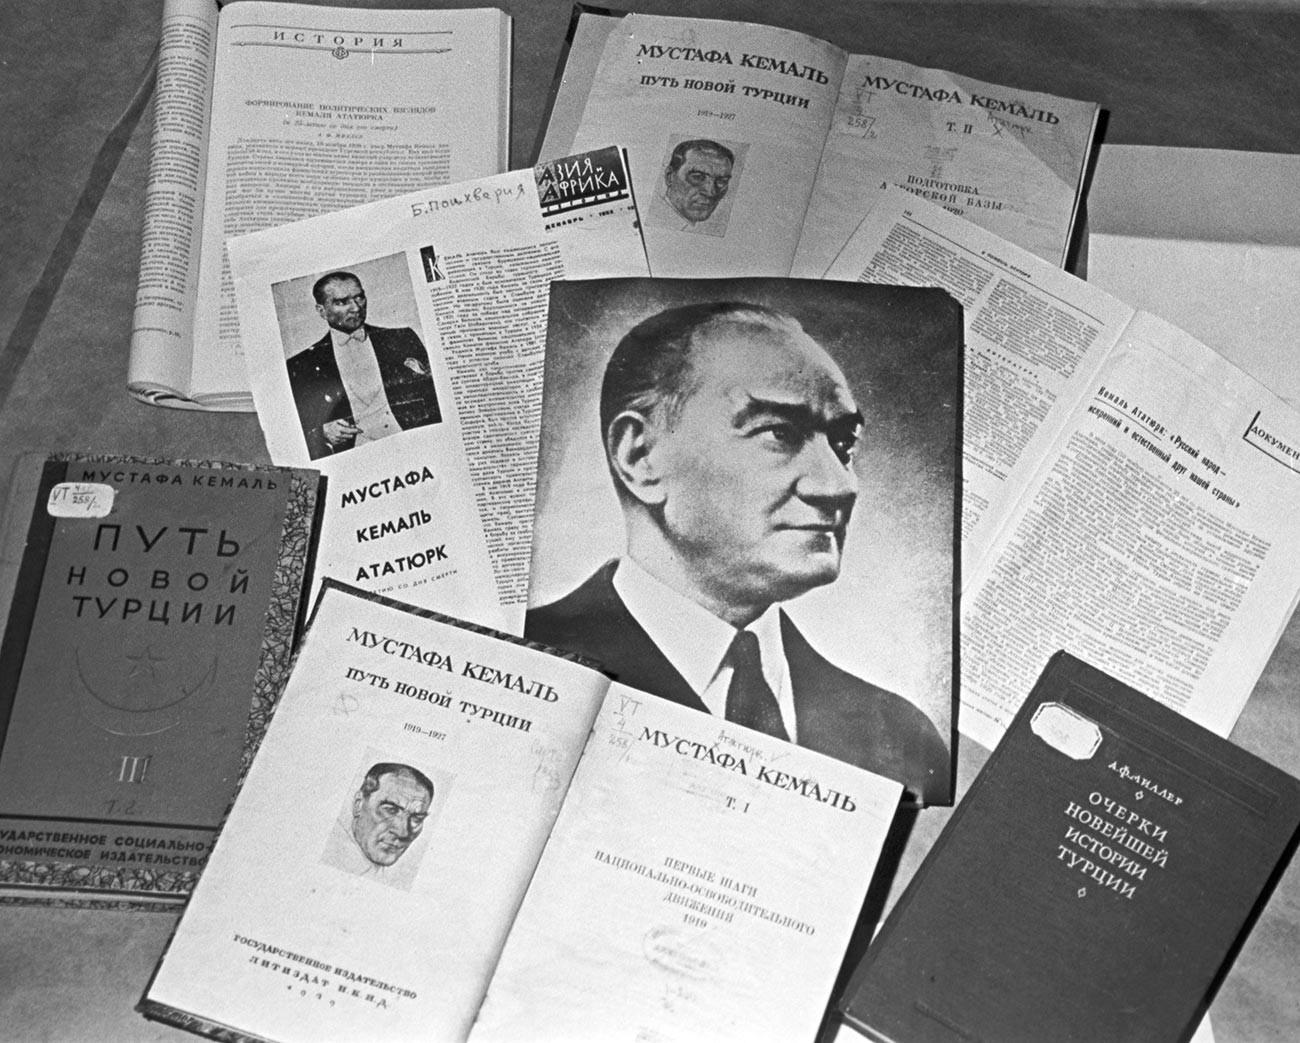 Œuvres de Mustafa Kemal traduites en russe et articles de chercheurs soviétiques à son sujet publiés à l'occasion du 25e anniversaire de sa mort